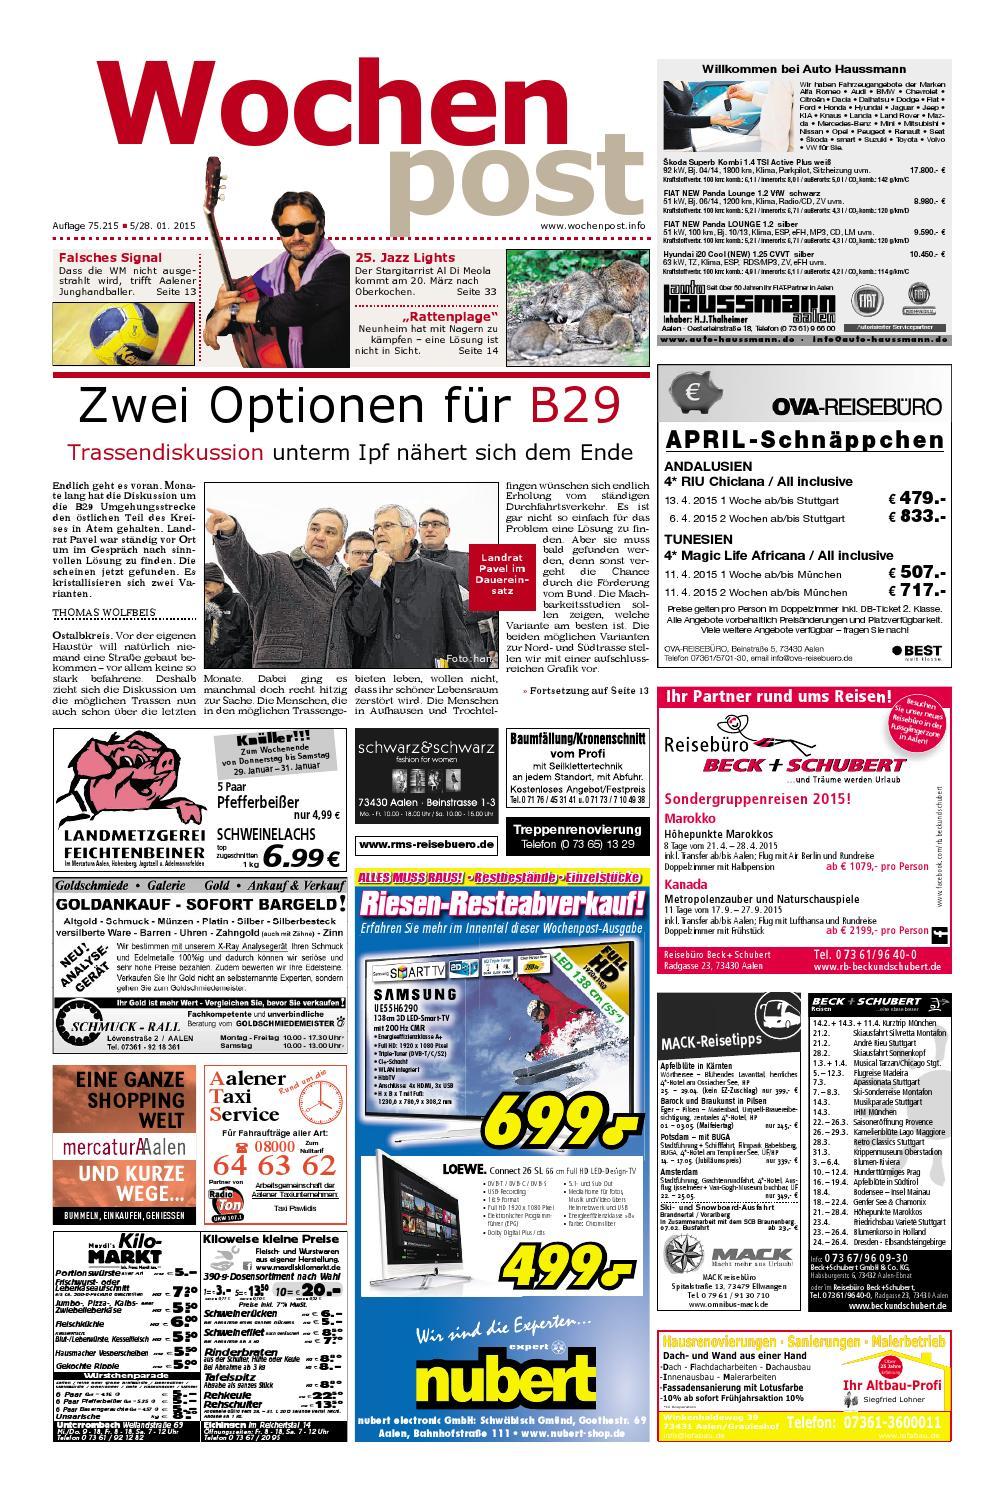 Zubehör Der GüNstigste Preis Prinz Streifen 210 X 26 25 Stück Transparent SchnäPpchenverkauf Zum Jahresende